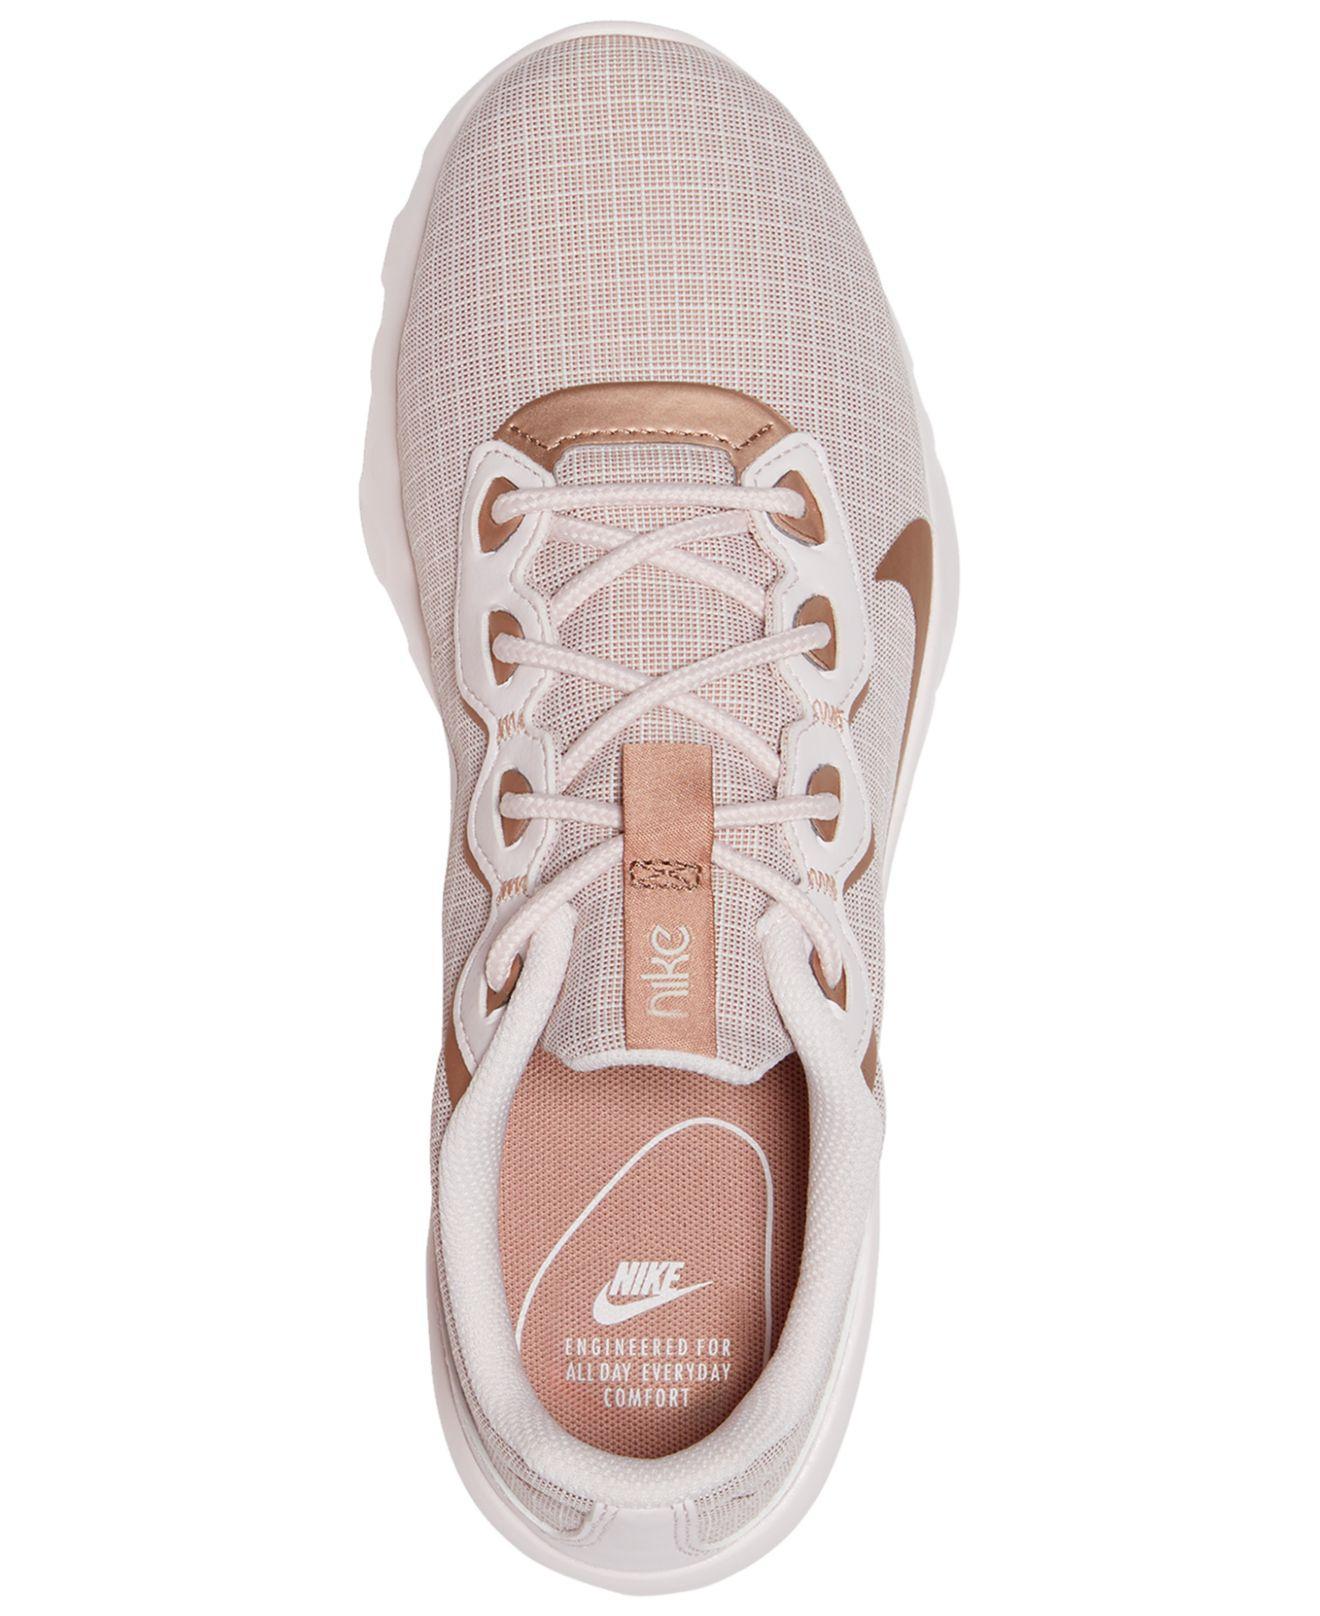 Nike Explore Strada Running Sneakers